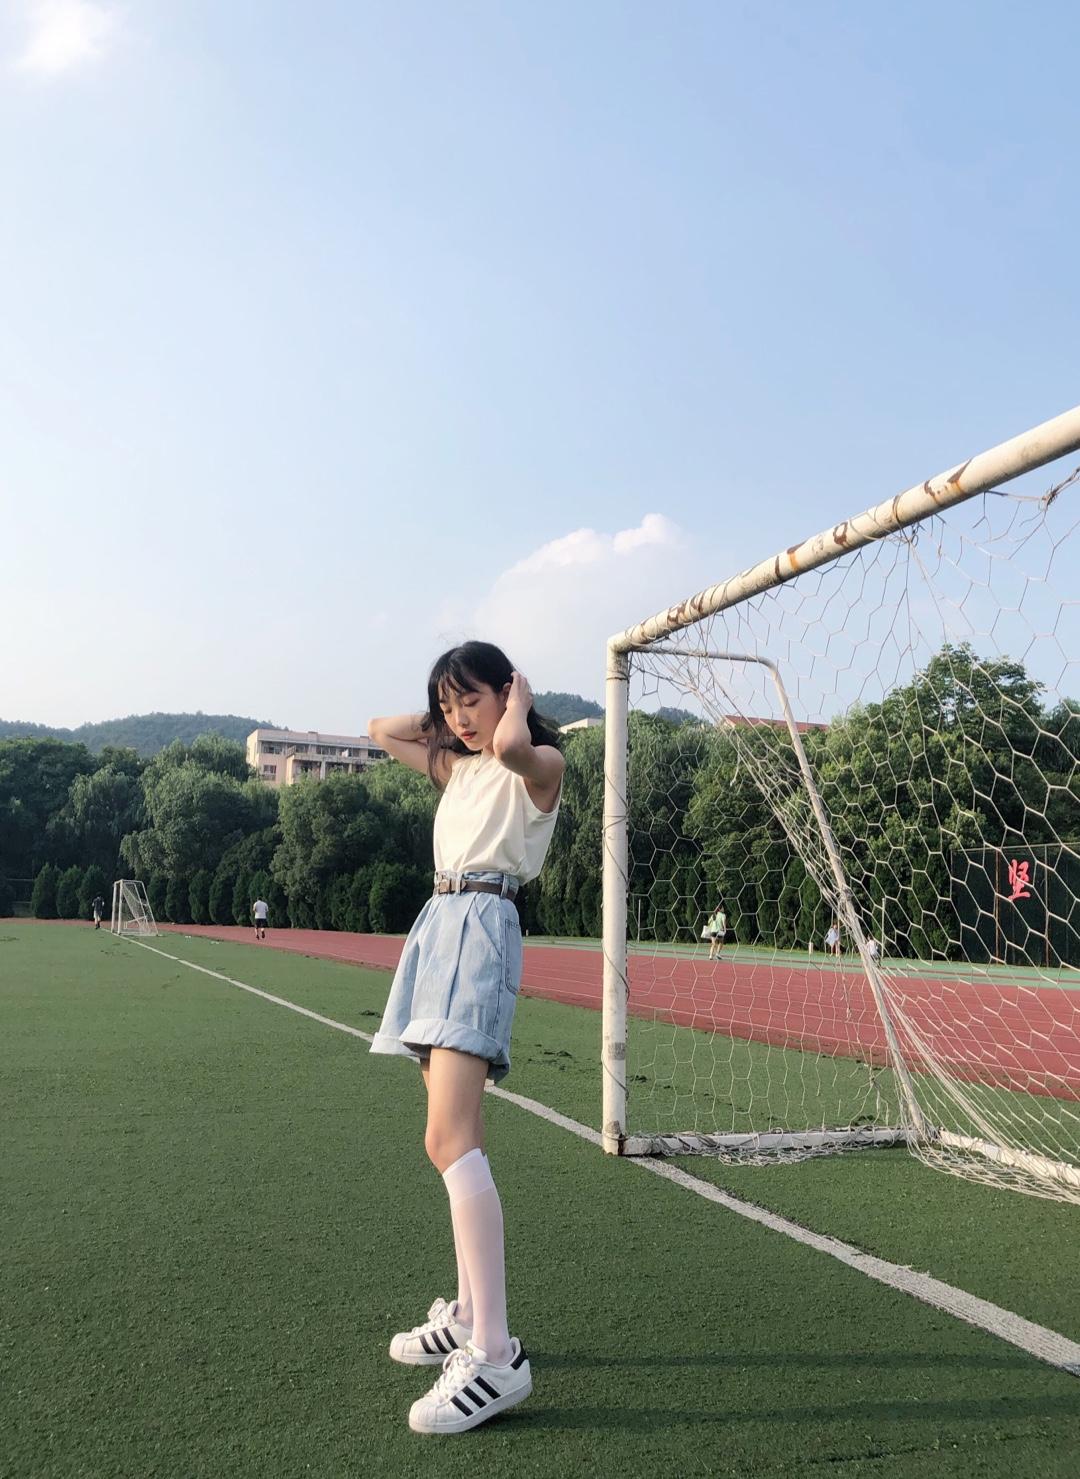 #矮妹许愿:优越大长腿get#越来越喜欢简单舒适的穿搭啦!简约不简单,都很普通的单品搭配在一起就是很好看!夏天就是要元气满满!